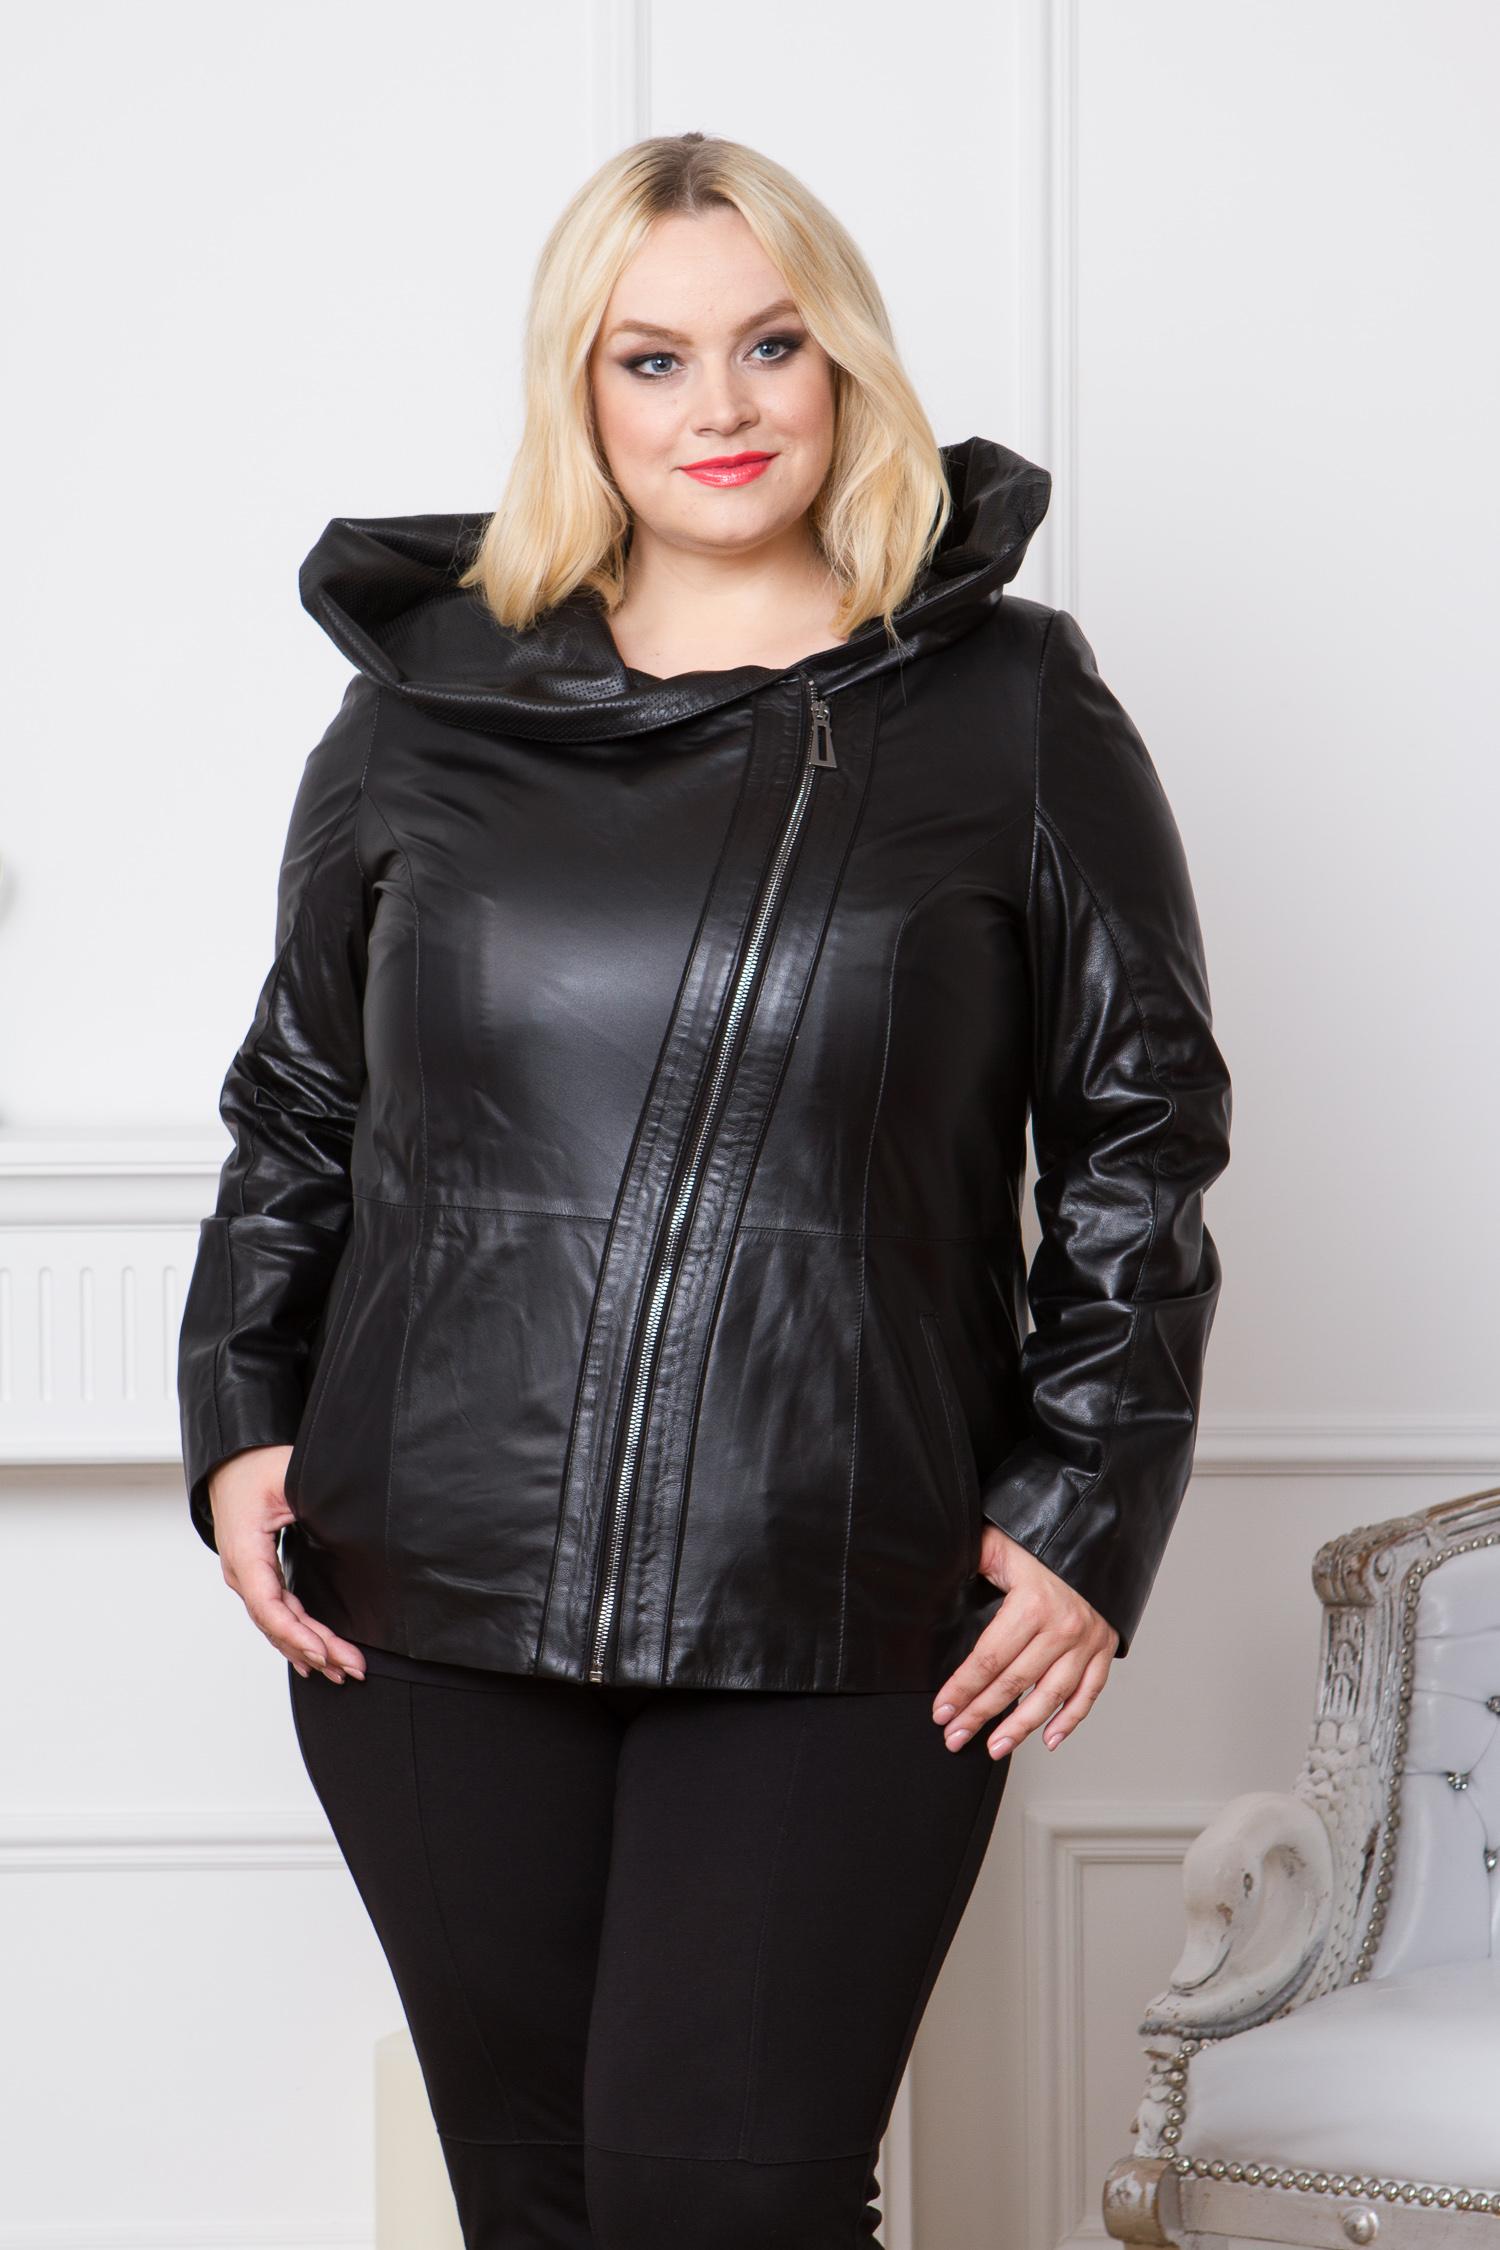 Женская кожаная куртка из натуральной кожи с капюшоном, без отделкиЦвет - оникс (черный).<br><br>Кожаная куртка нейтрального черного цвета - это основа гардероба для осени или весны. Несмотря на отсутствие крупных деталей и классический фасон, дизайн куртки выглядит очень оригинально. Широкий и удобный капюшон украшен декоративной перфорацией. Куртка застегивается на стильную ассиметричную молнию и дополнена боковыми карманами.<br><br>Главная особенность этой куртки - это качество. Модель изготовлена из мягкой натуральной кожи ягненка. Идеально выверенные лекала обеспечивают хорошую посадку. Кроме того, у модели предусмотрена широкая пройма рукава, что очень важно для фигуры plus size.<br><br>Воротник: капюшон<br>Длина см: Короткая (51-74 )<br>Материал: Кожа овчина<br>Цвет: черный<br>Вид застежки: косая<br>Застежка: на молнии<br>Пол: Женский